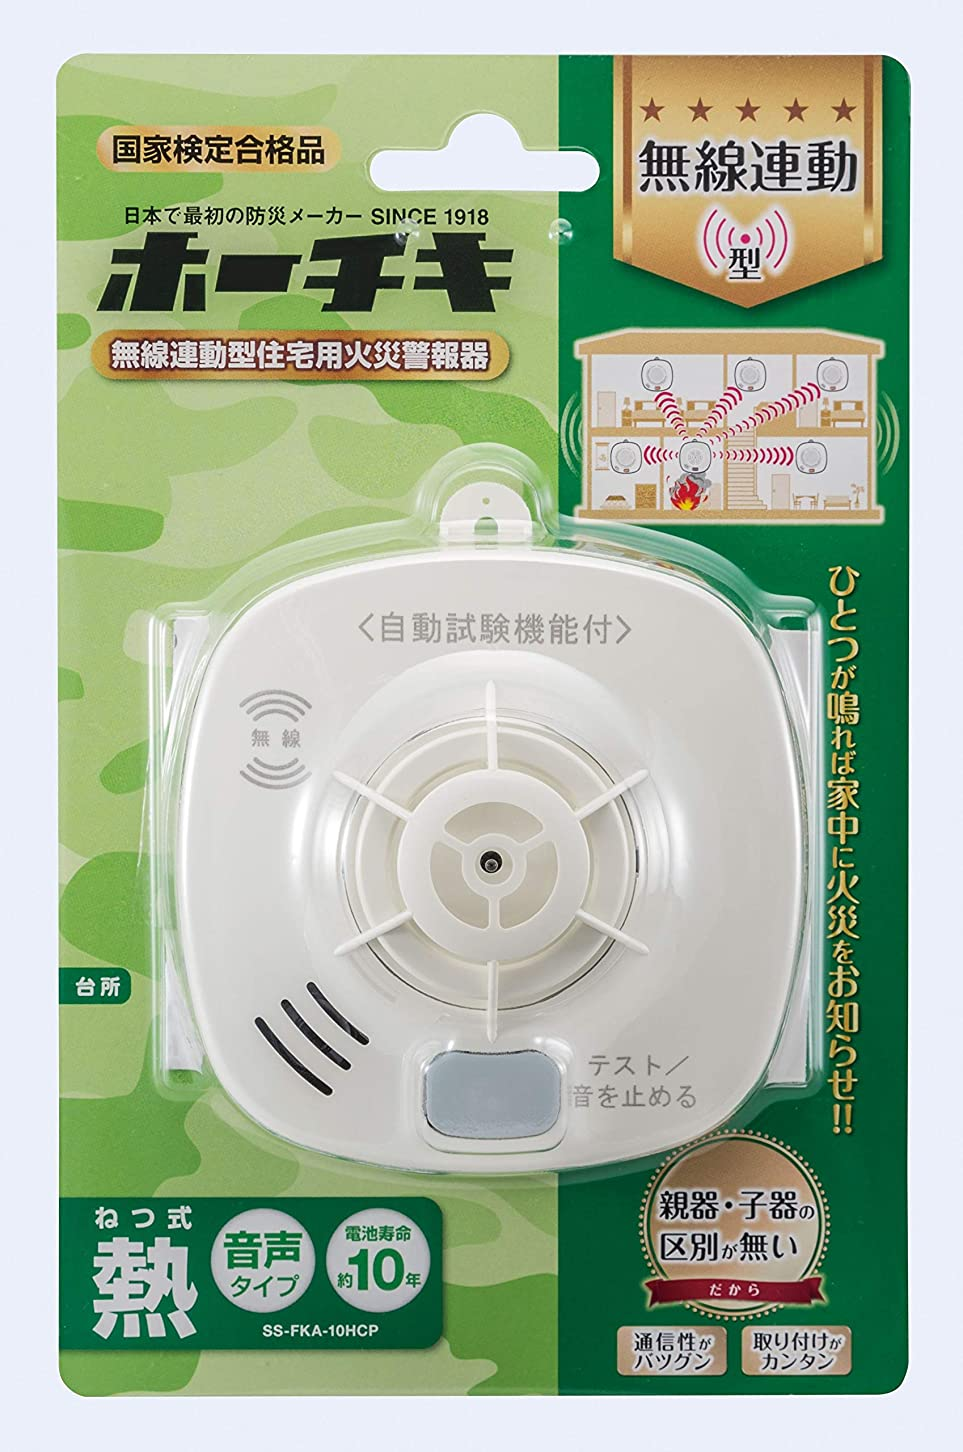 無人ボンド蛾【在庫】パナソニック Panasonic 火災警報器交換用電池 CR-AG/C25P電池 音声 SH284552520